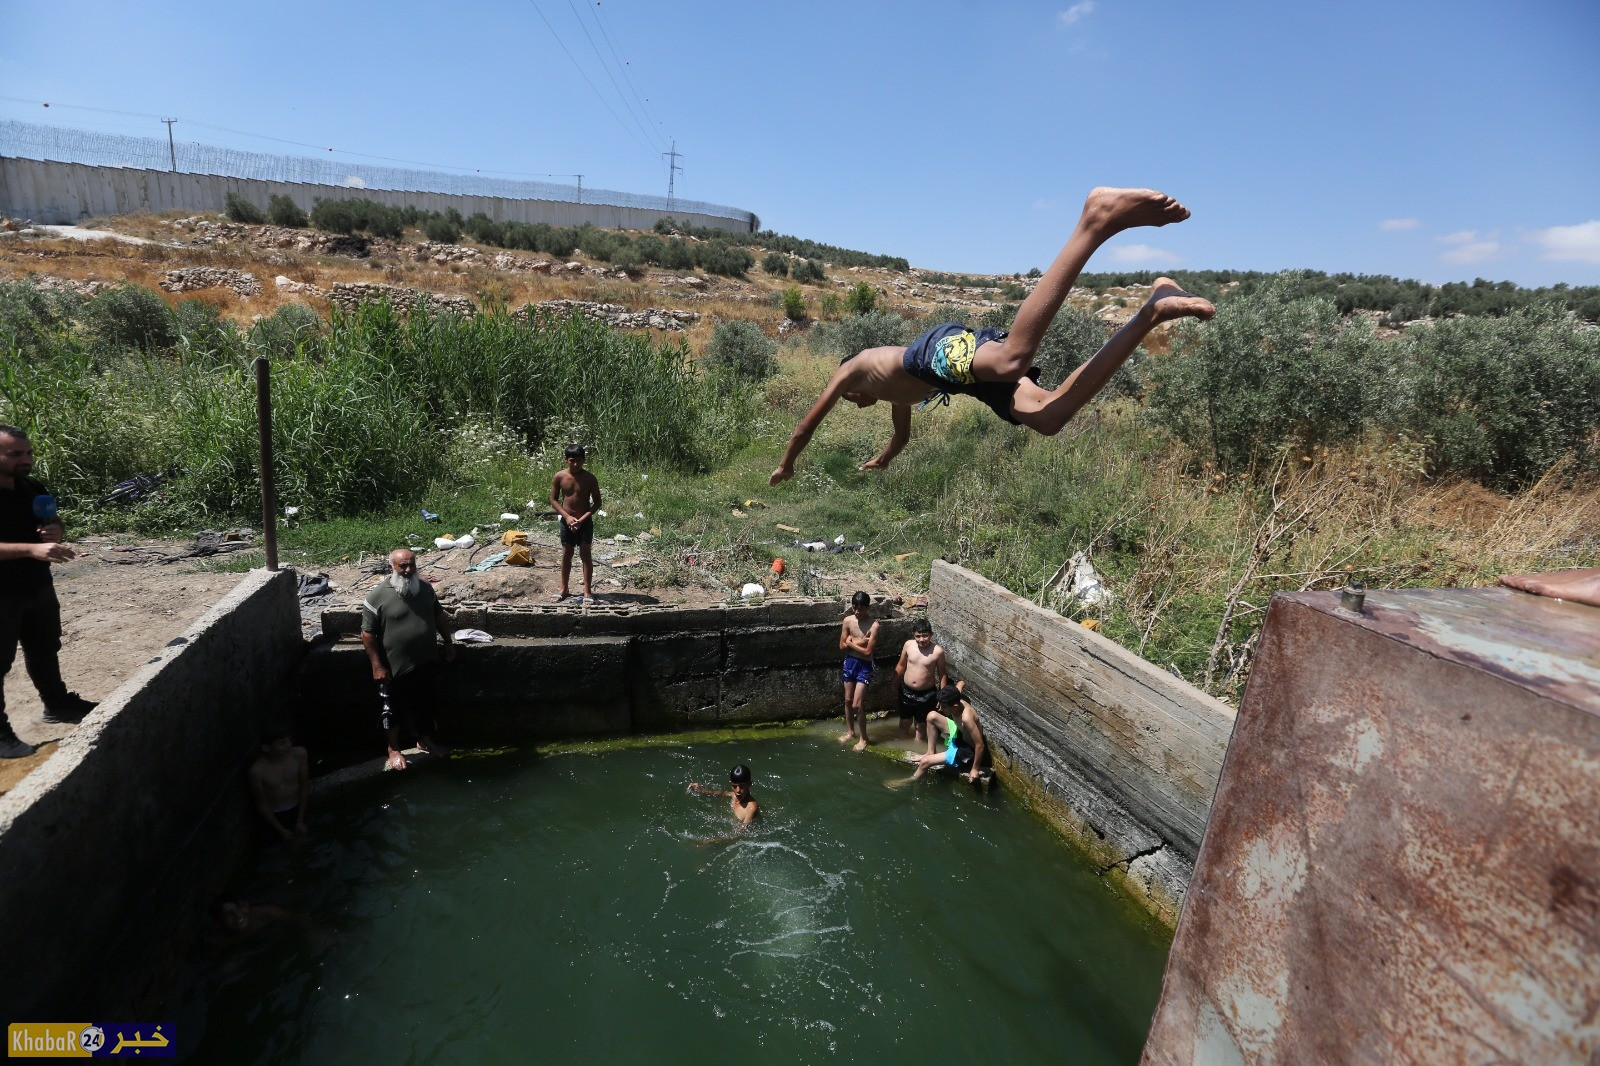 مواطنون يسبحون في عين ماء حاصرها الجدار غرب الخليل